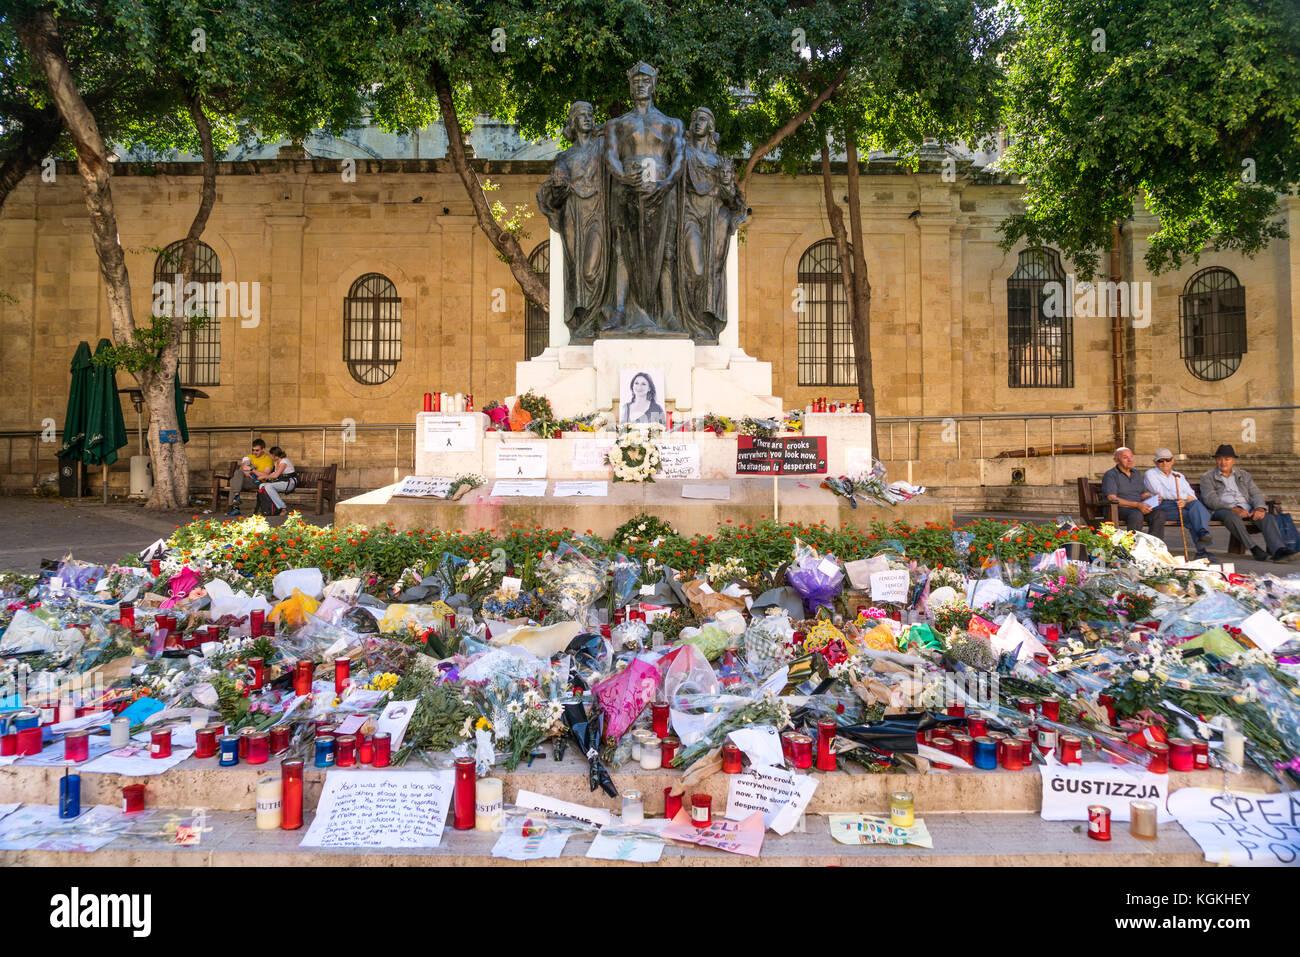 Blumenmeer vor dem Great Siege monument zum Gedenken an die ermordete maltesische Journalistin Daphne Caruana Galizia, - Stock Image